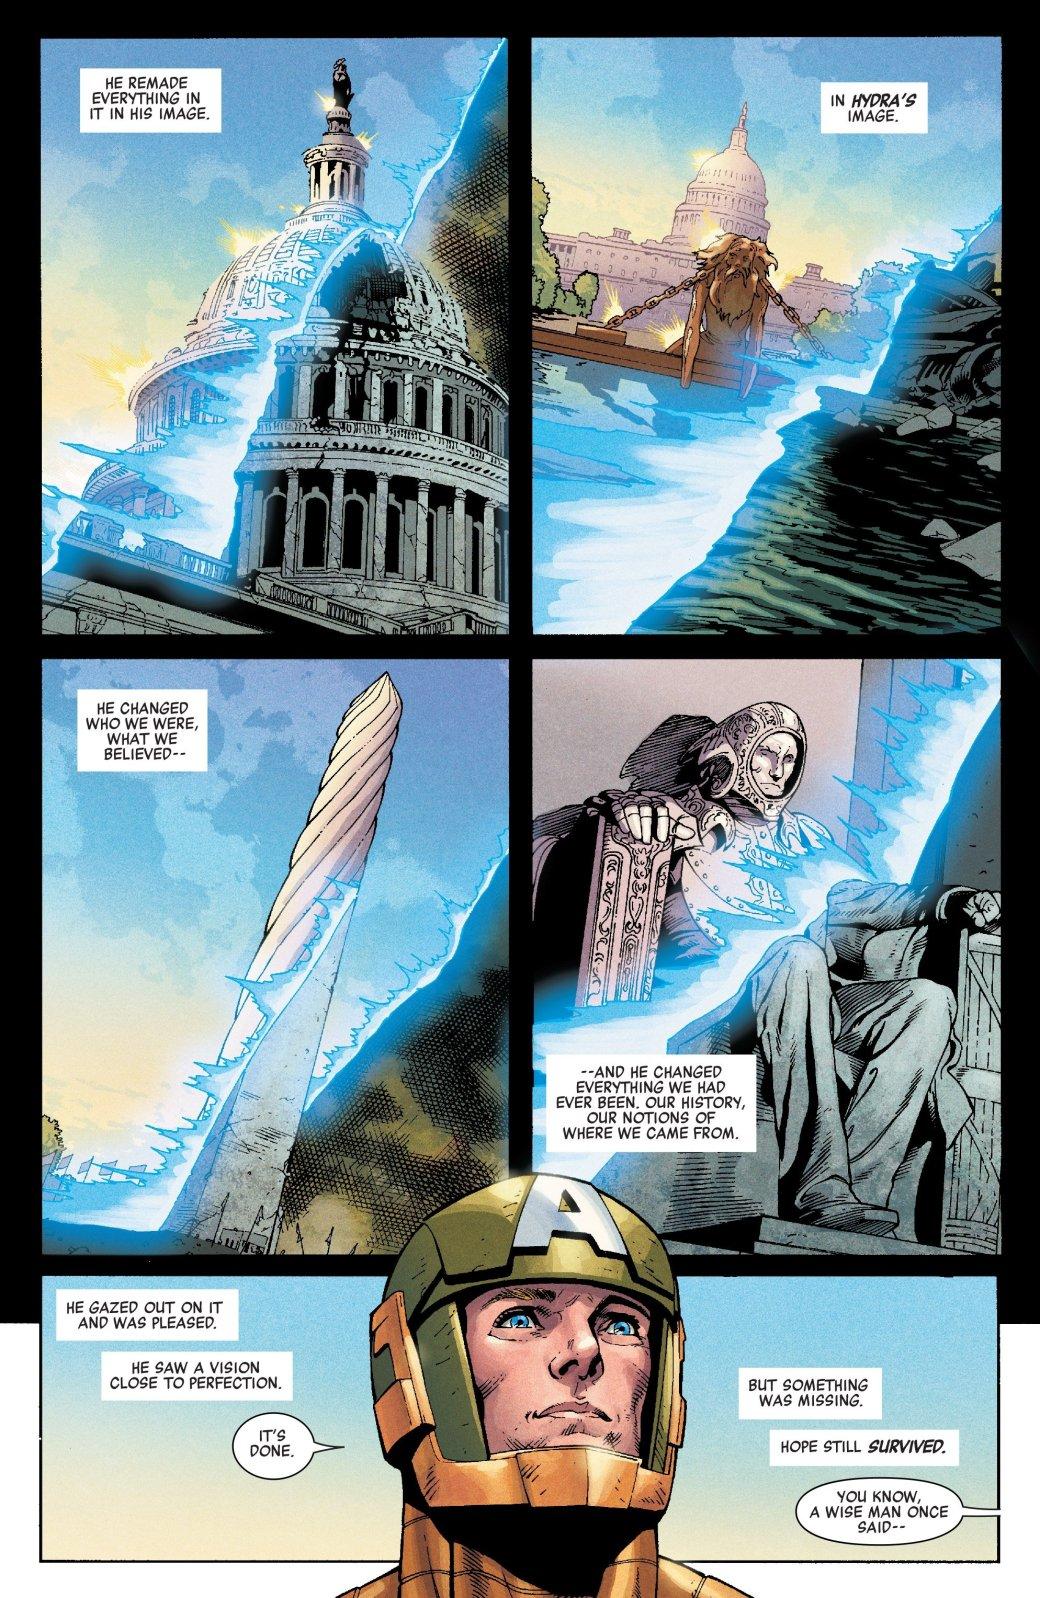 Secret Empire: Почему сюжет онацисте Капитане Америка неудался | Канобу - Изображение 10